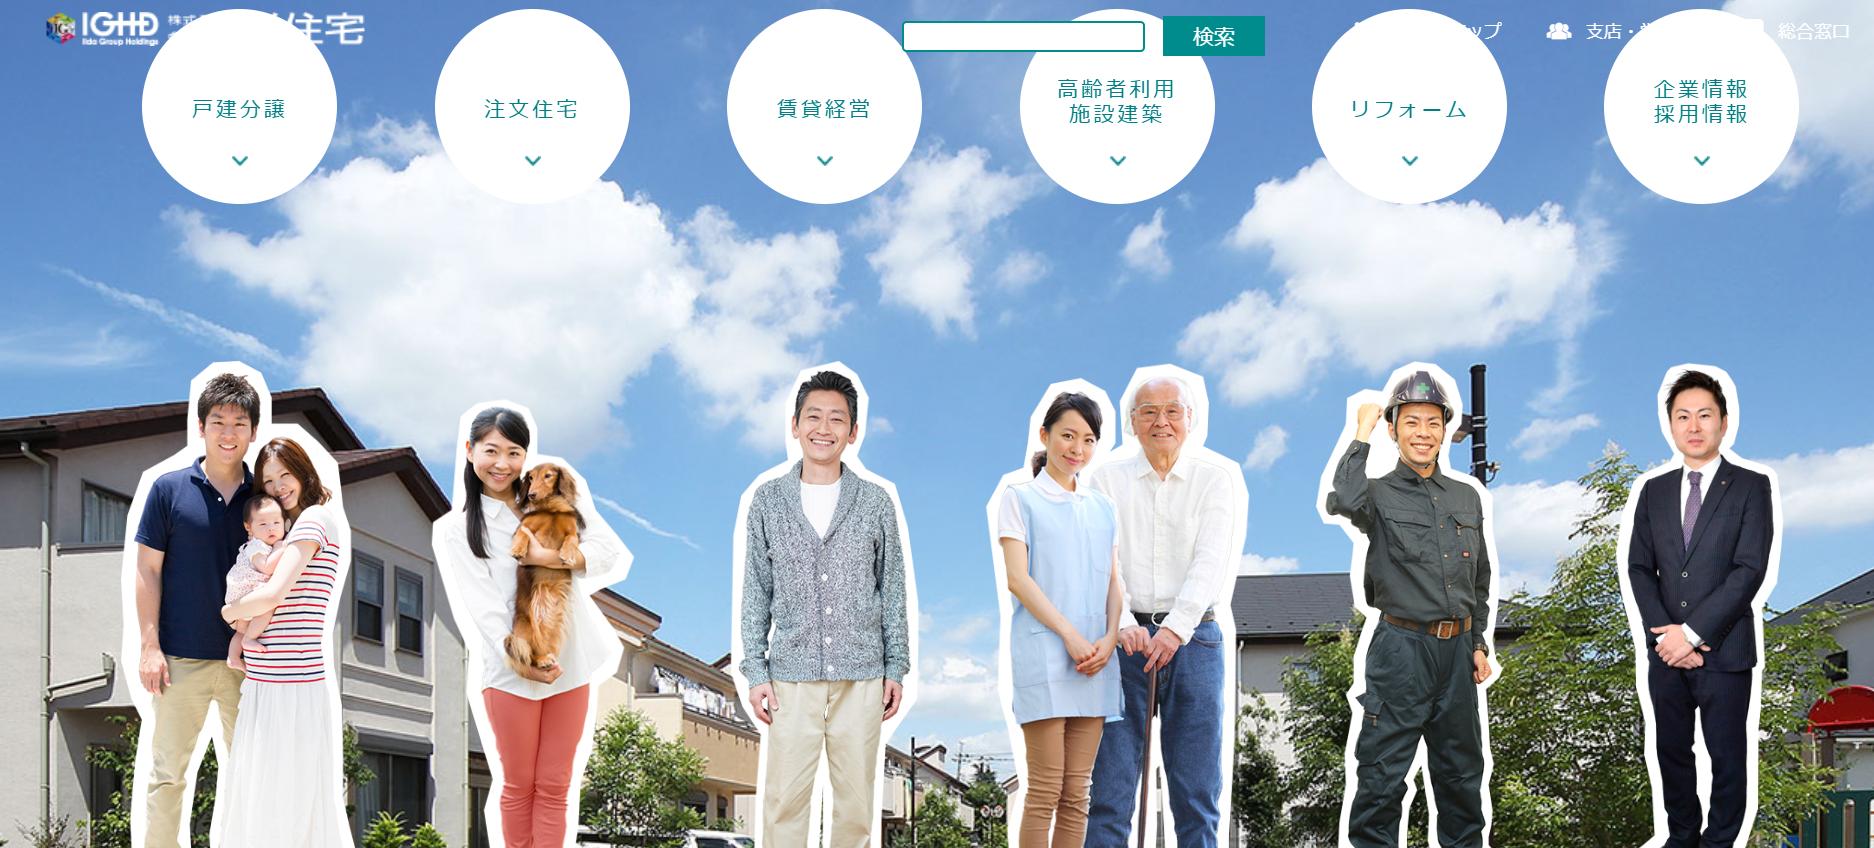 東栄住宅の評判・口コミ【東京/30代女性】